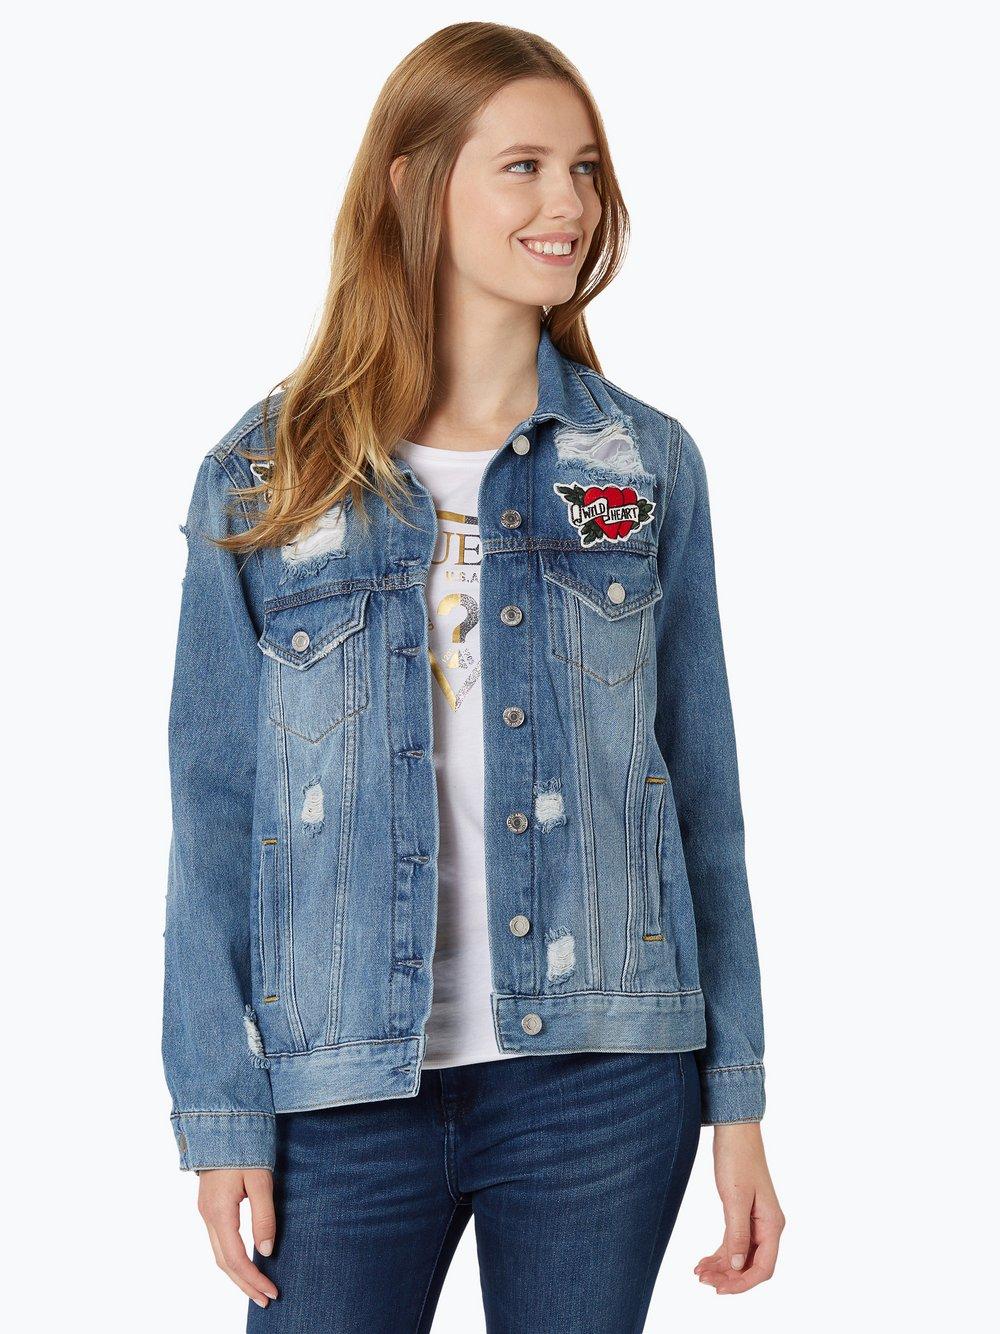 6571a2f2a324b Guess Jeans Damska kurtka jeansowa – Len kup online